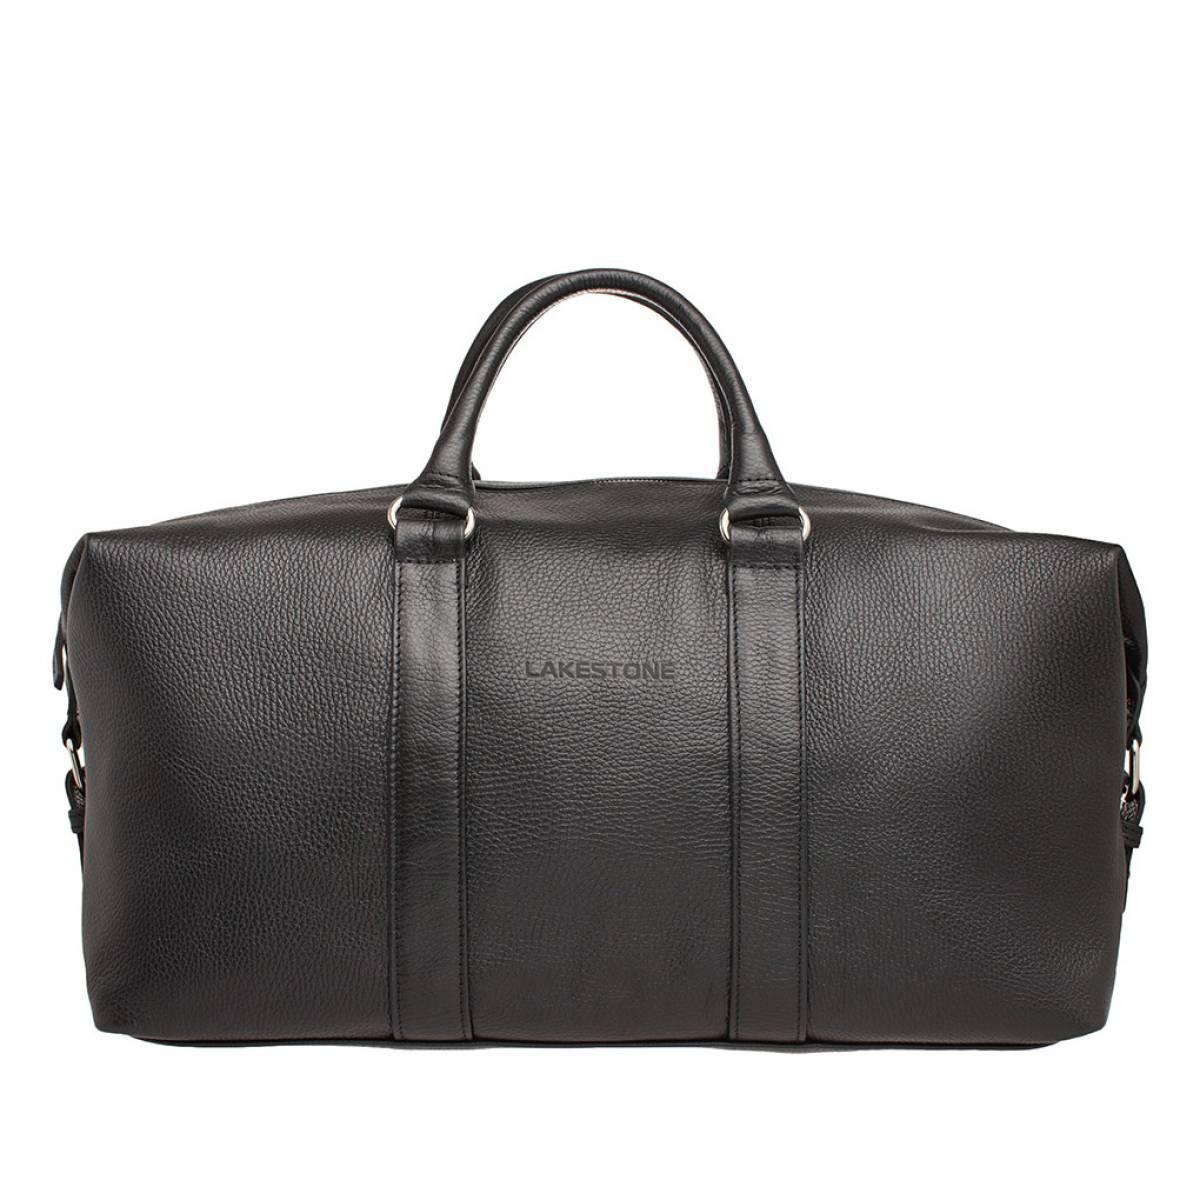 Кожаная дорожно-спортивная сумка Pinecroft Black